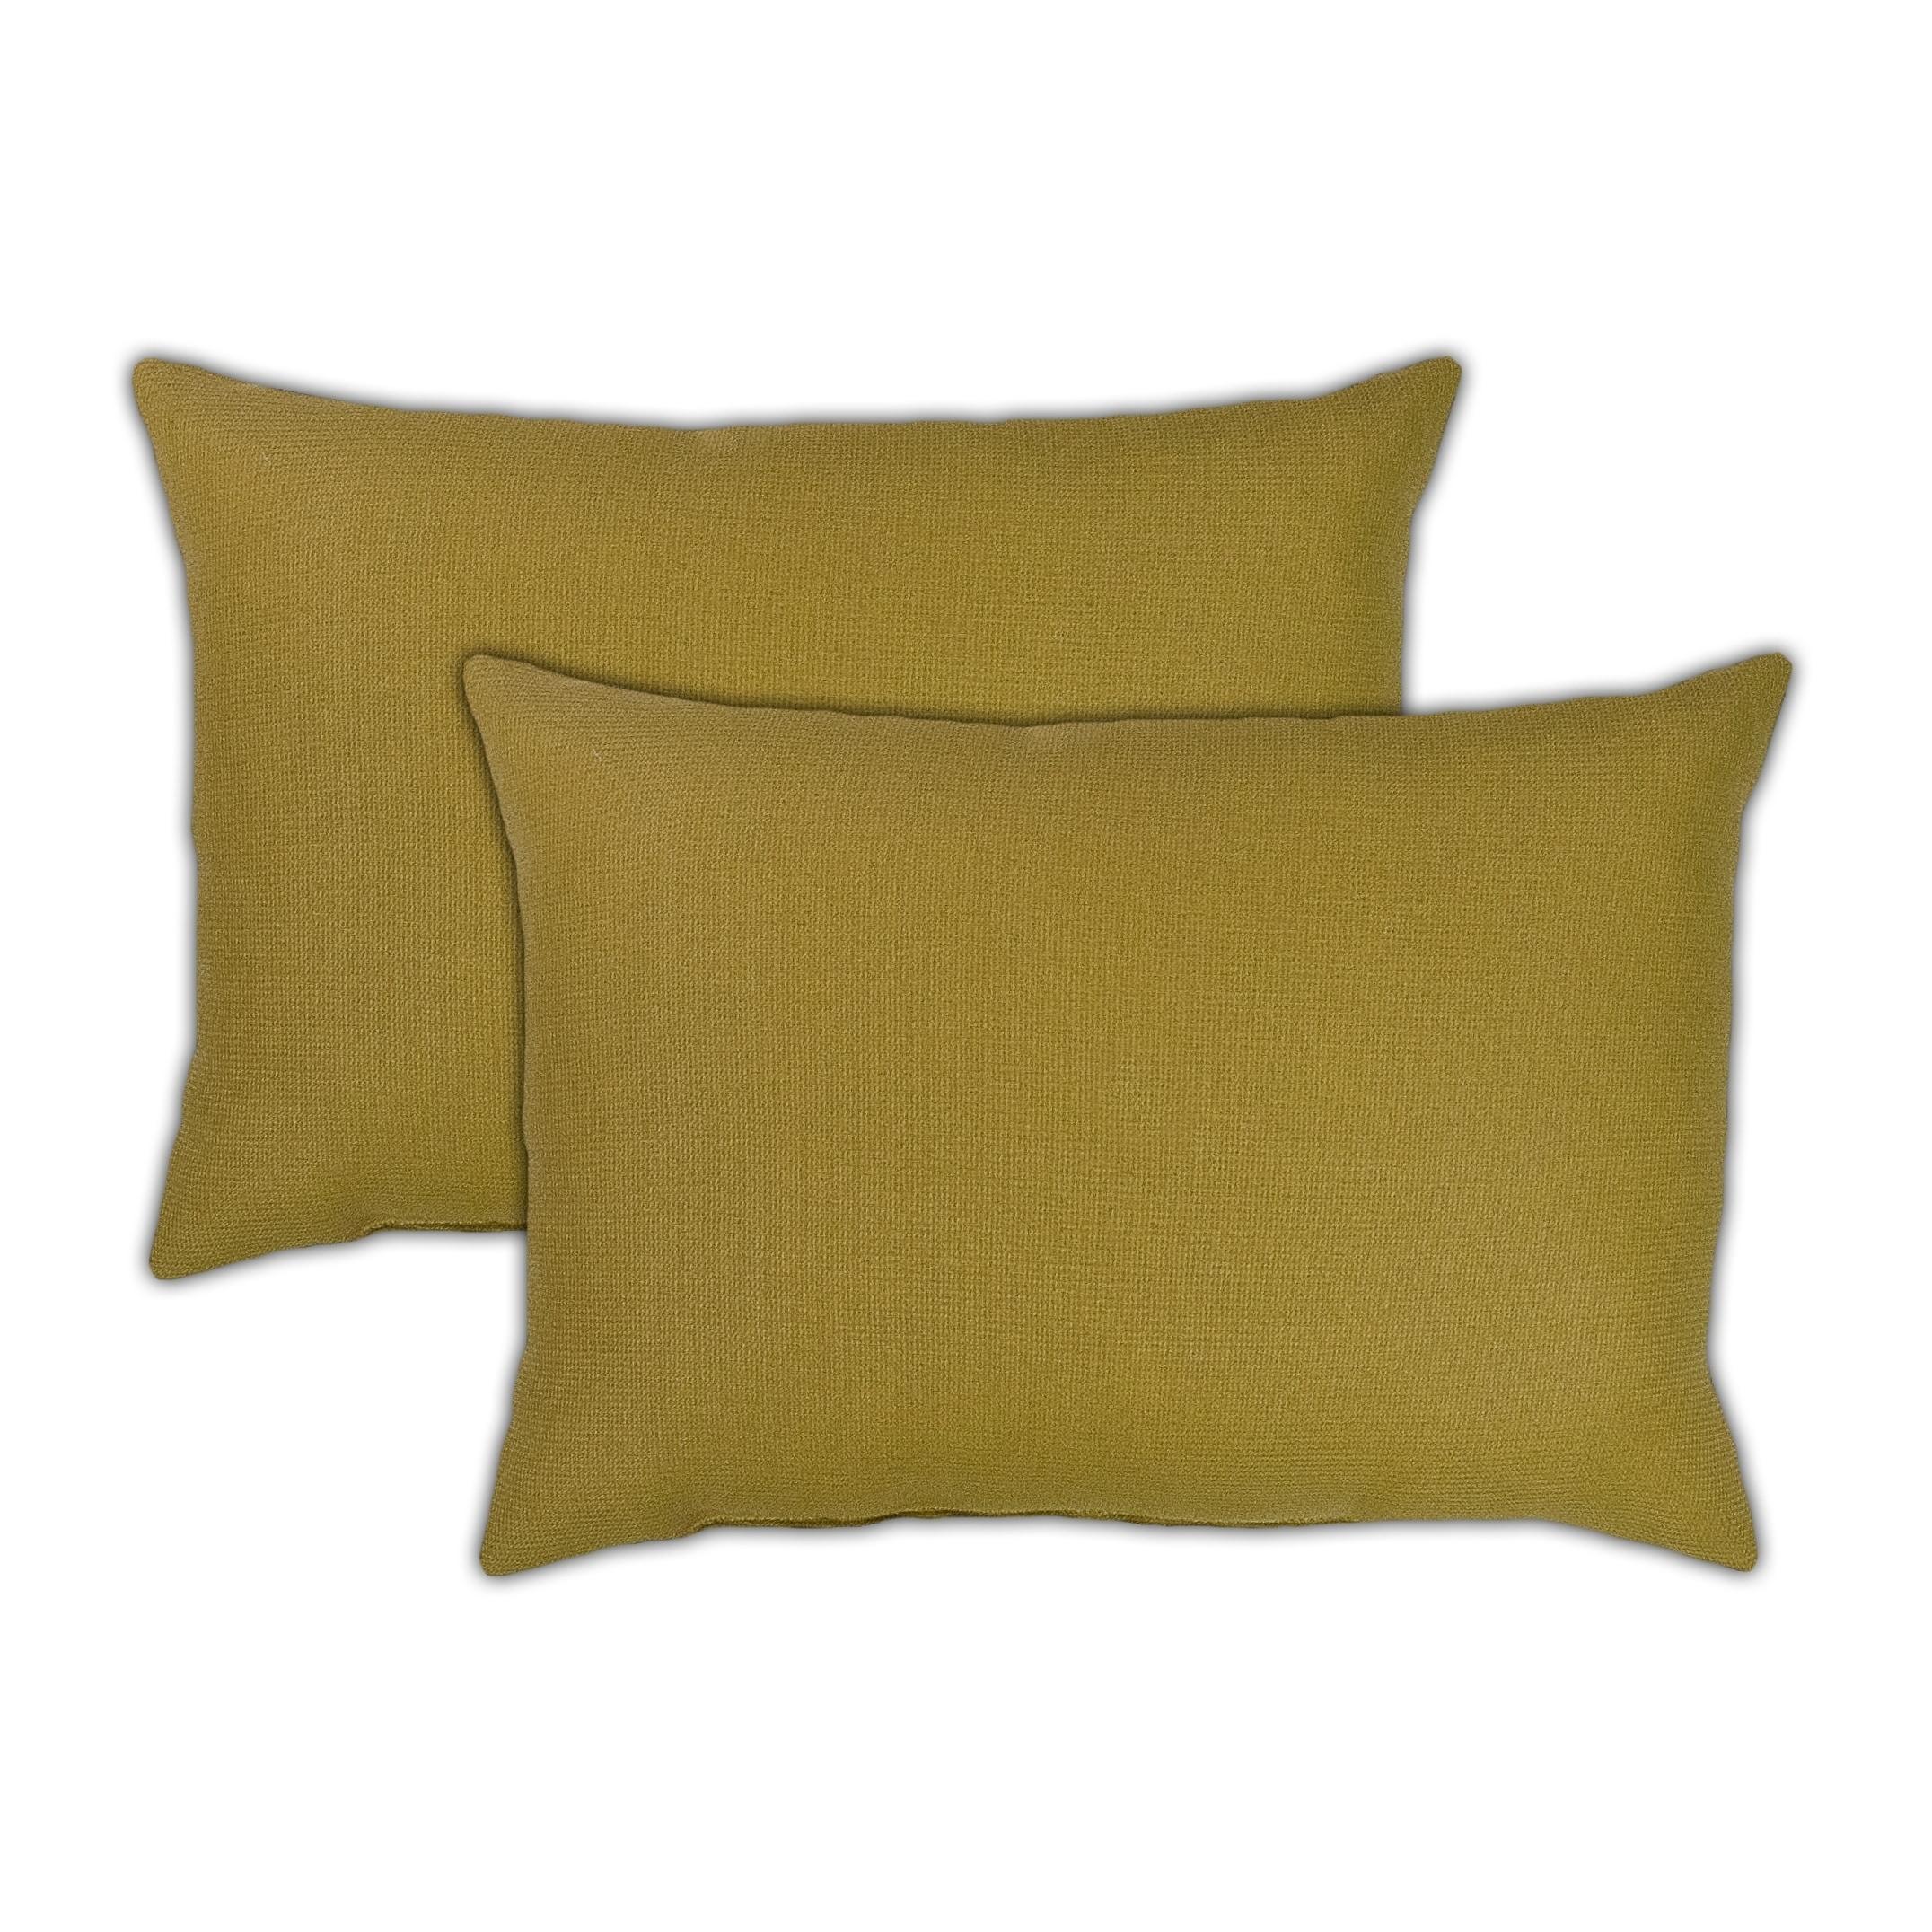 Sherry Kline Rendova Boudoir Outdoor Pillows (Set of 2) - 13 x 19